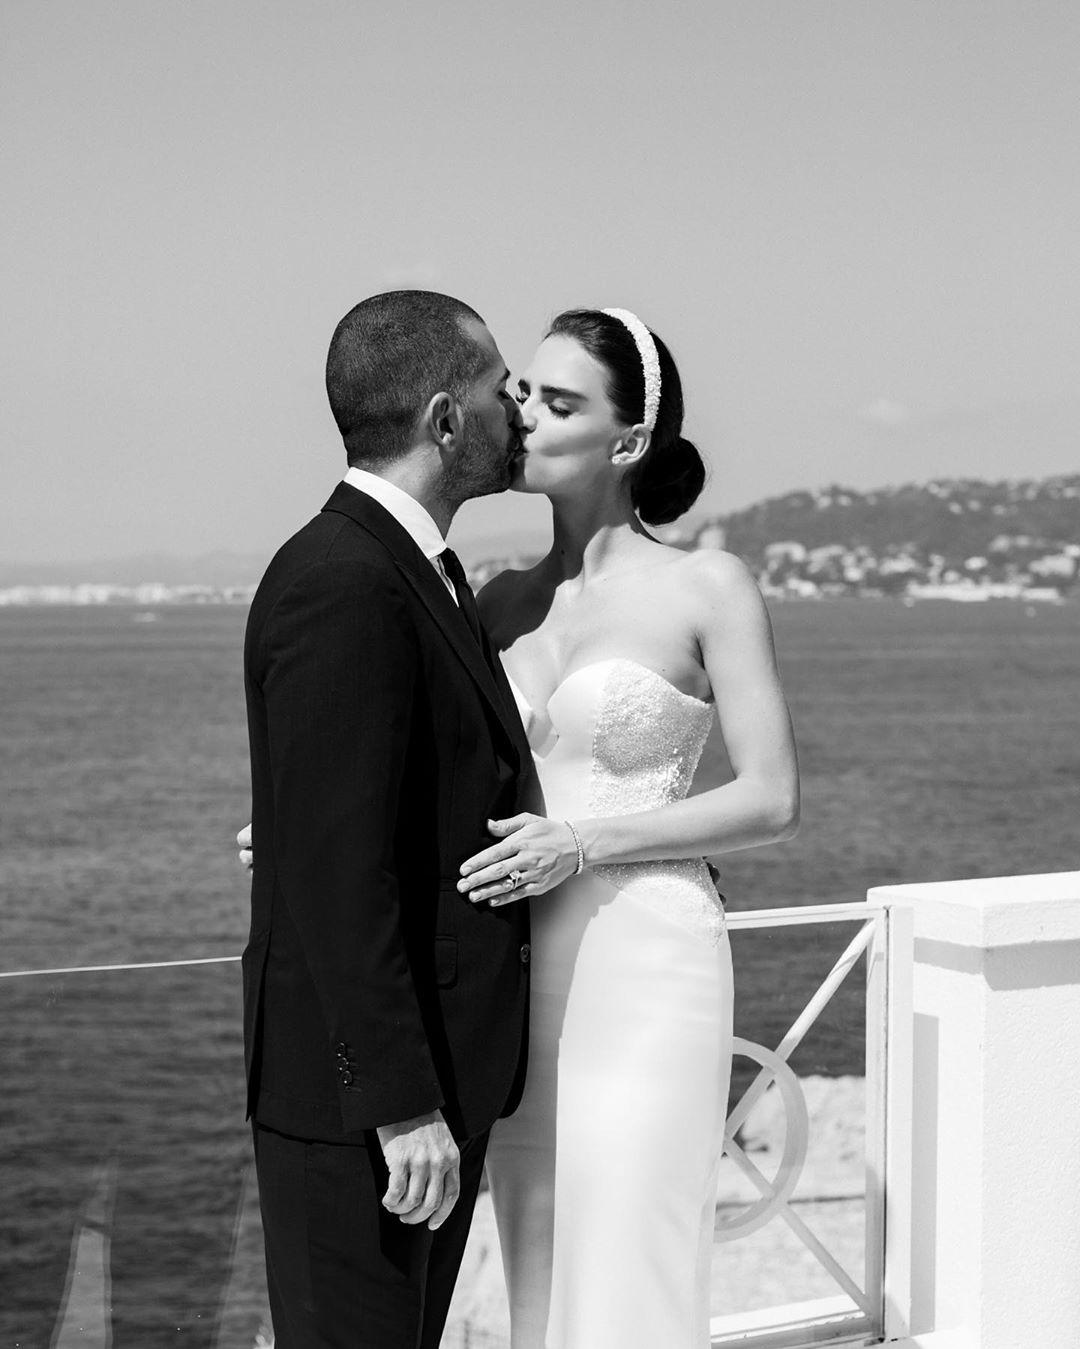 Мисс Украина Вселенная вышла замуж в Каннах: Фото роскошного торжества